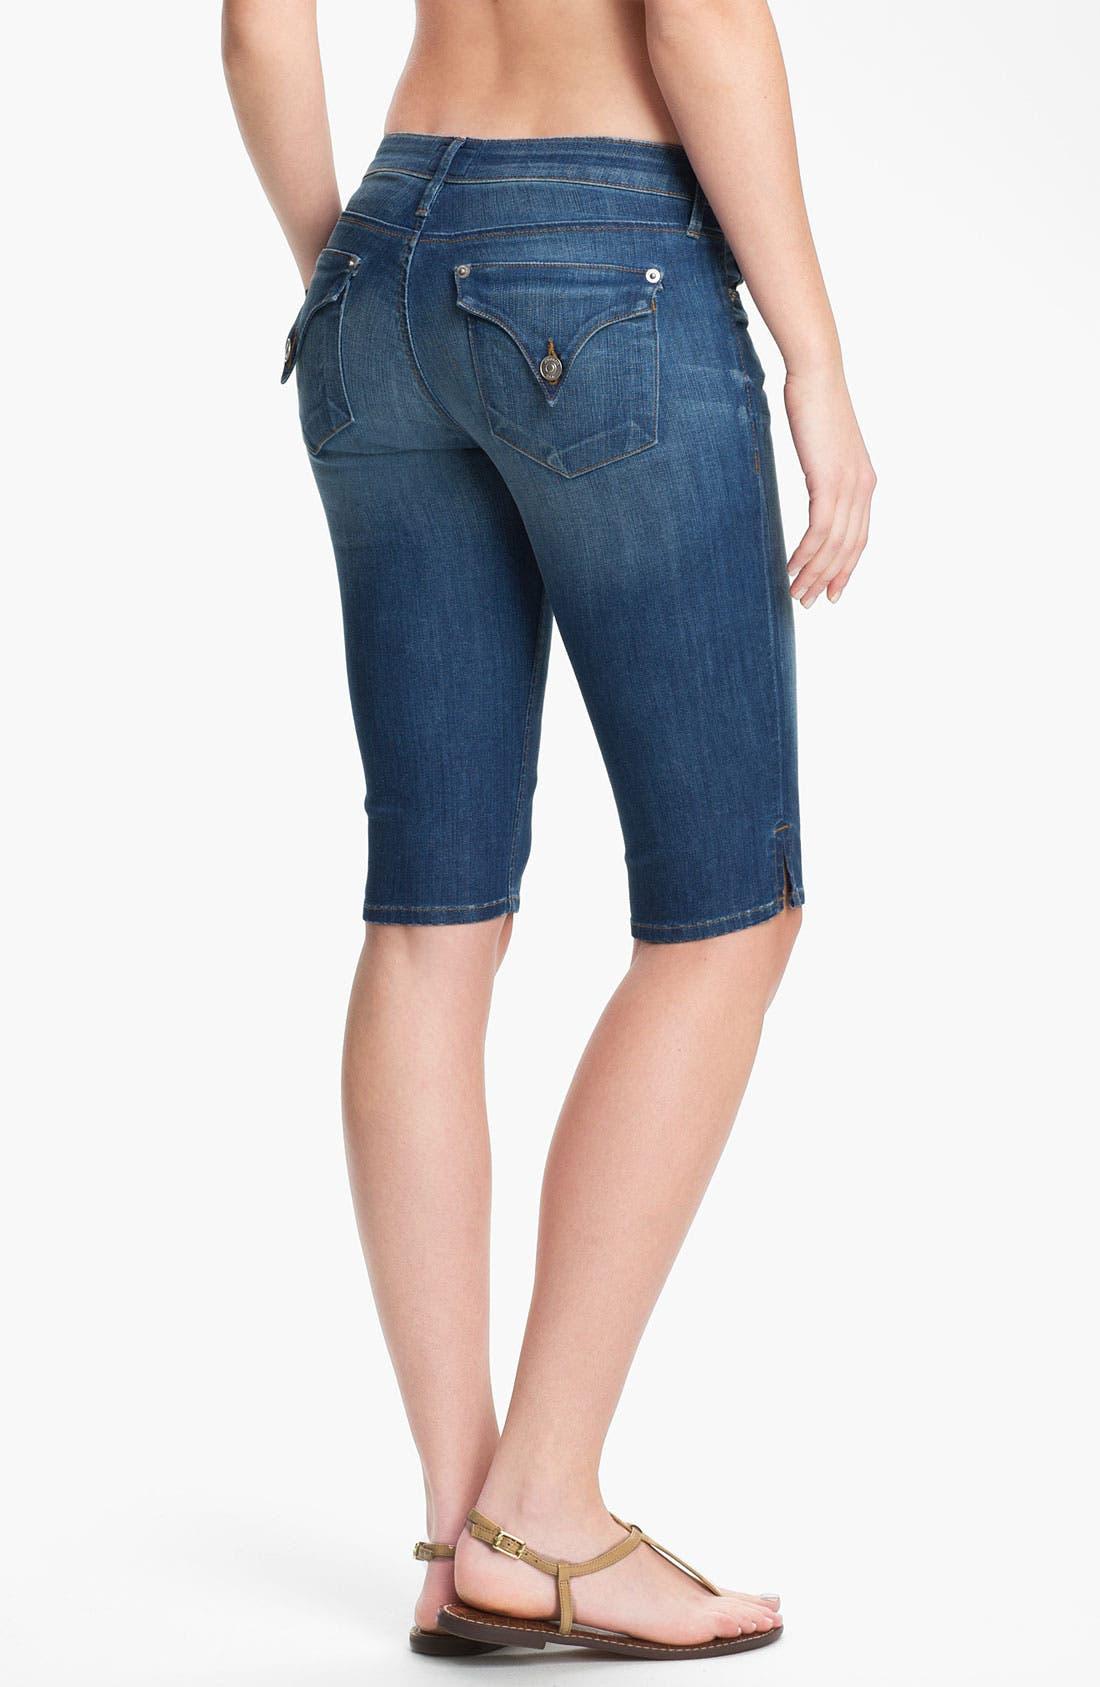 Alternate Image 2  - Hudson Jeans 'Viceroy' Stretch Denim Bermuda Shorts (Morrissey)